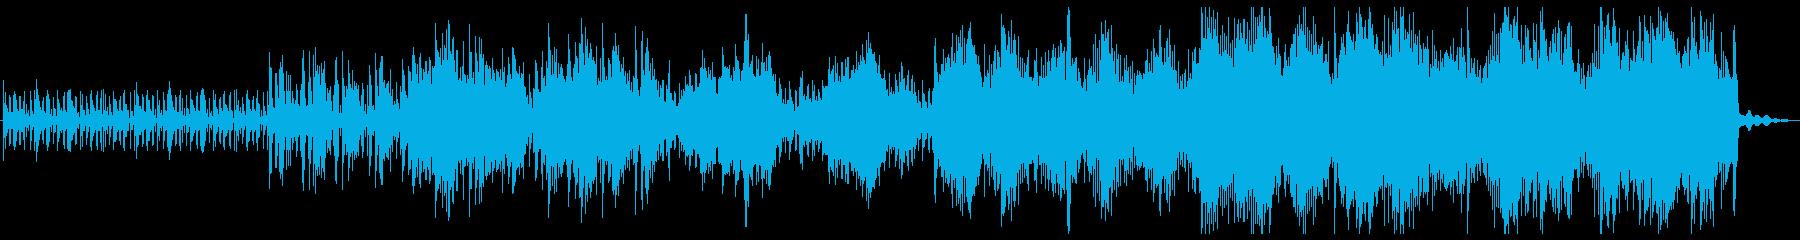 科学技術のテーマ。複雑で刺激的なハ...の再生済みの波形